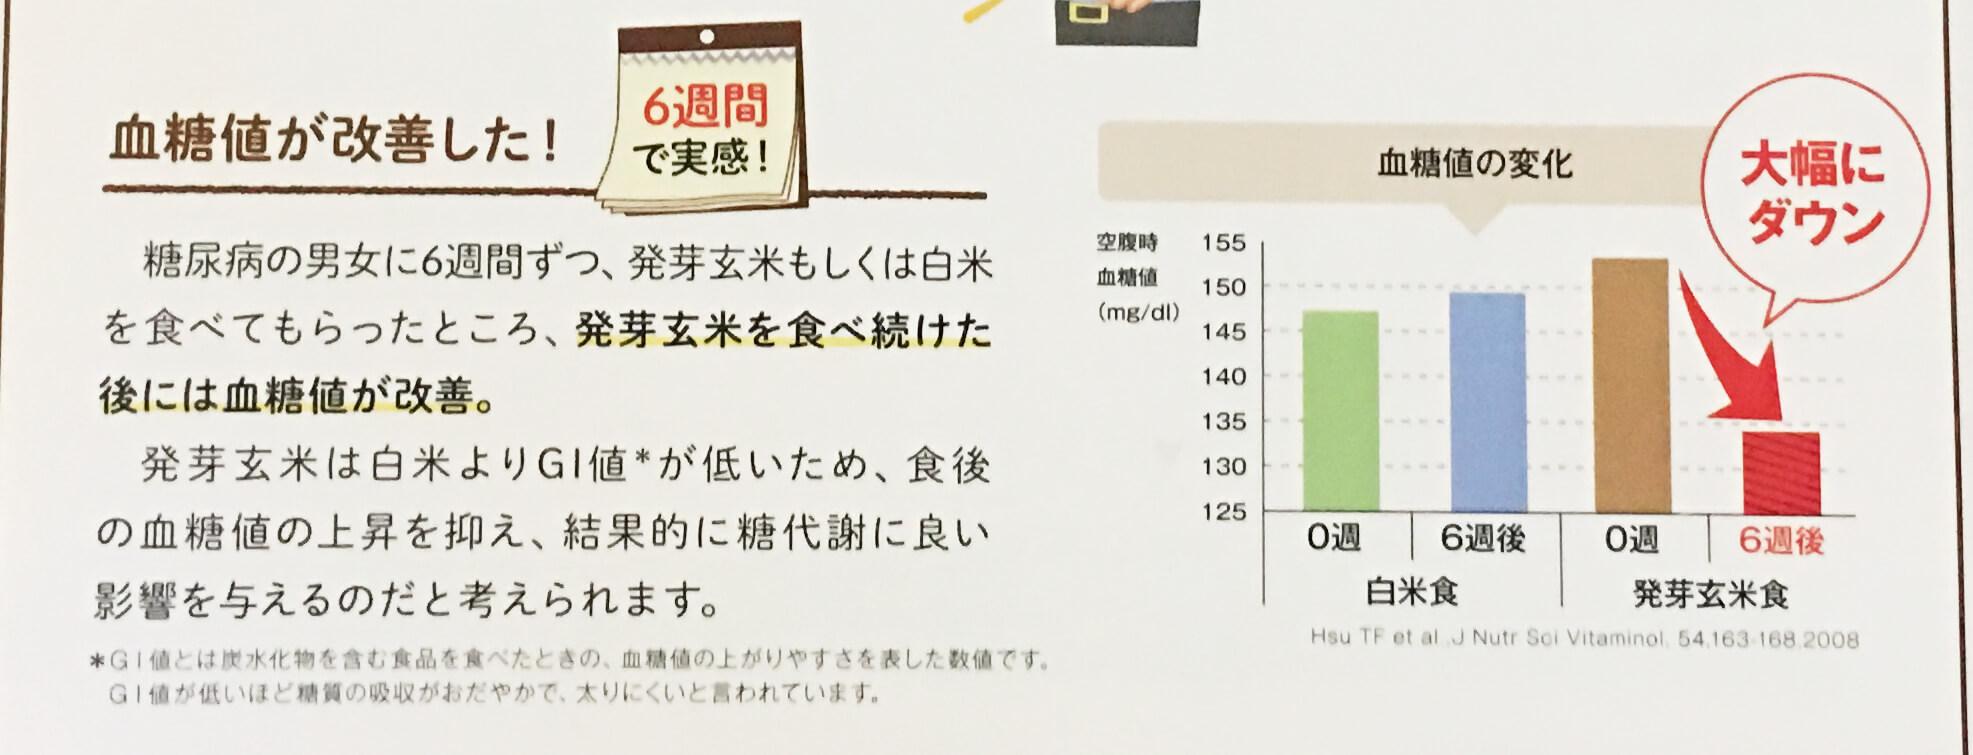 発芽玄米6週間で、糖尿病の人の血糖値が大幅に改善。